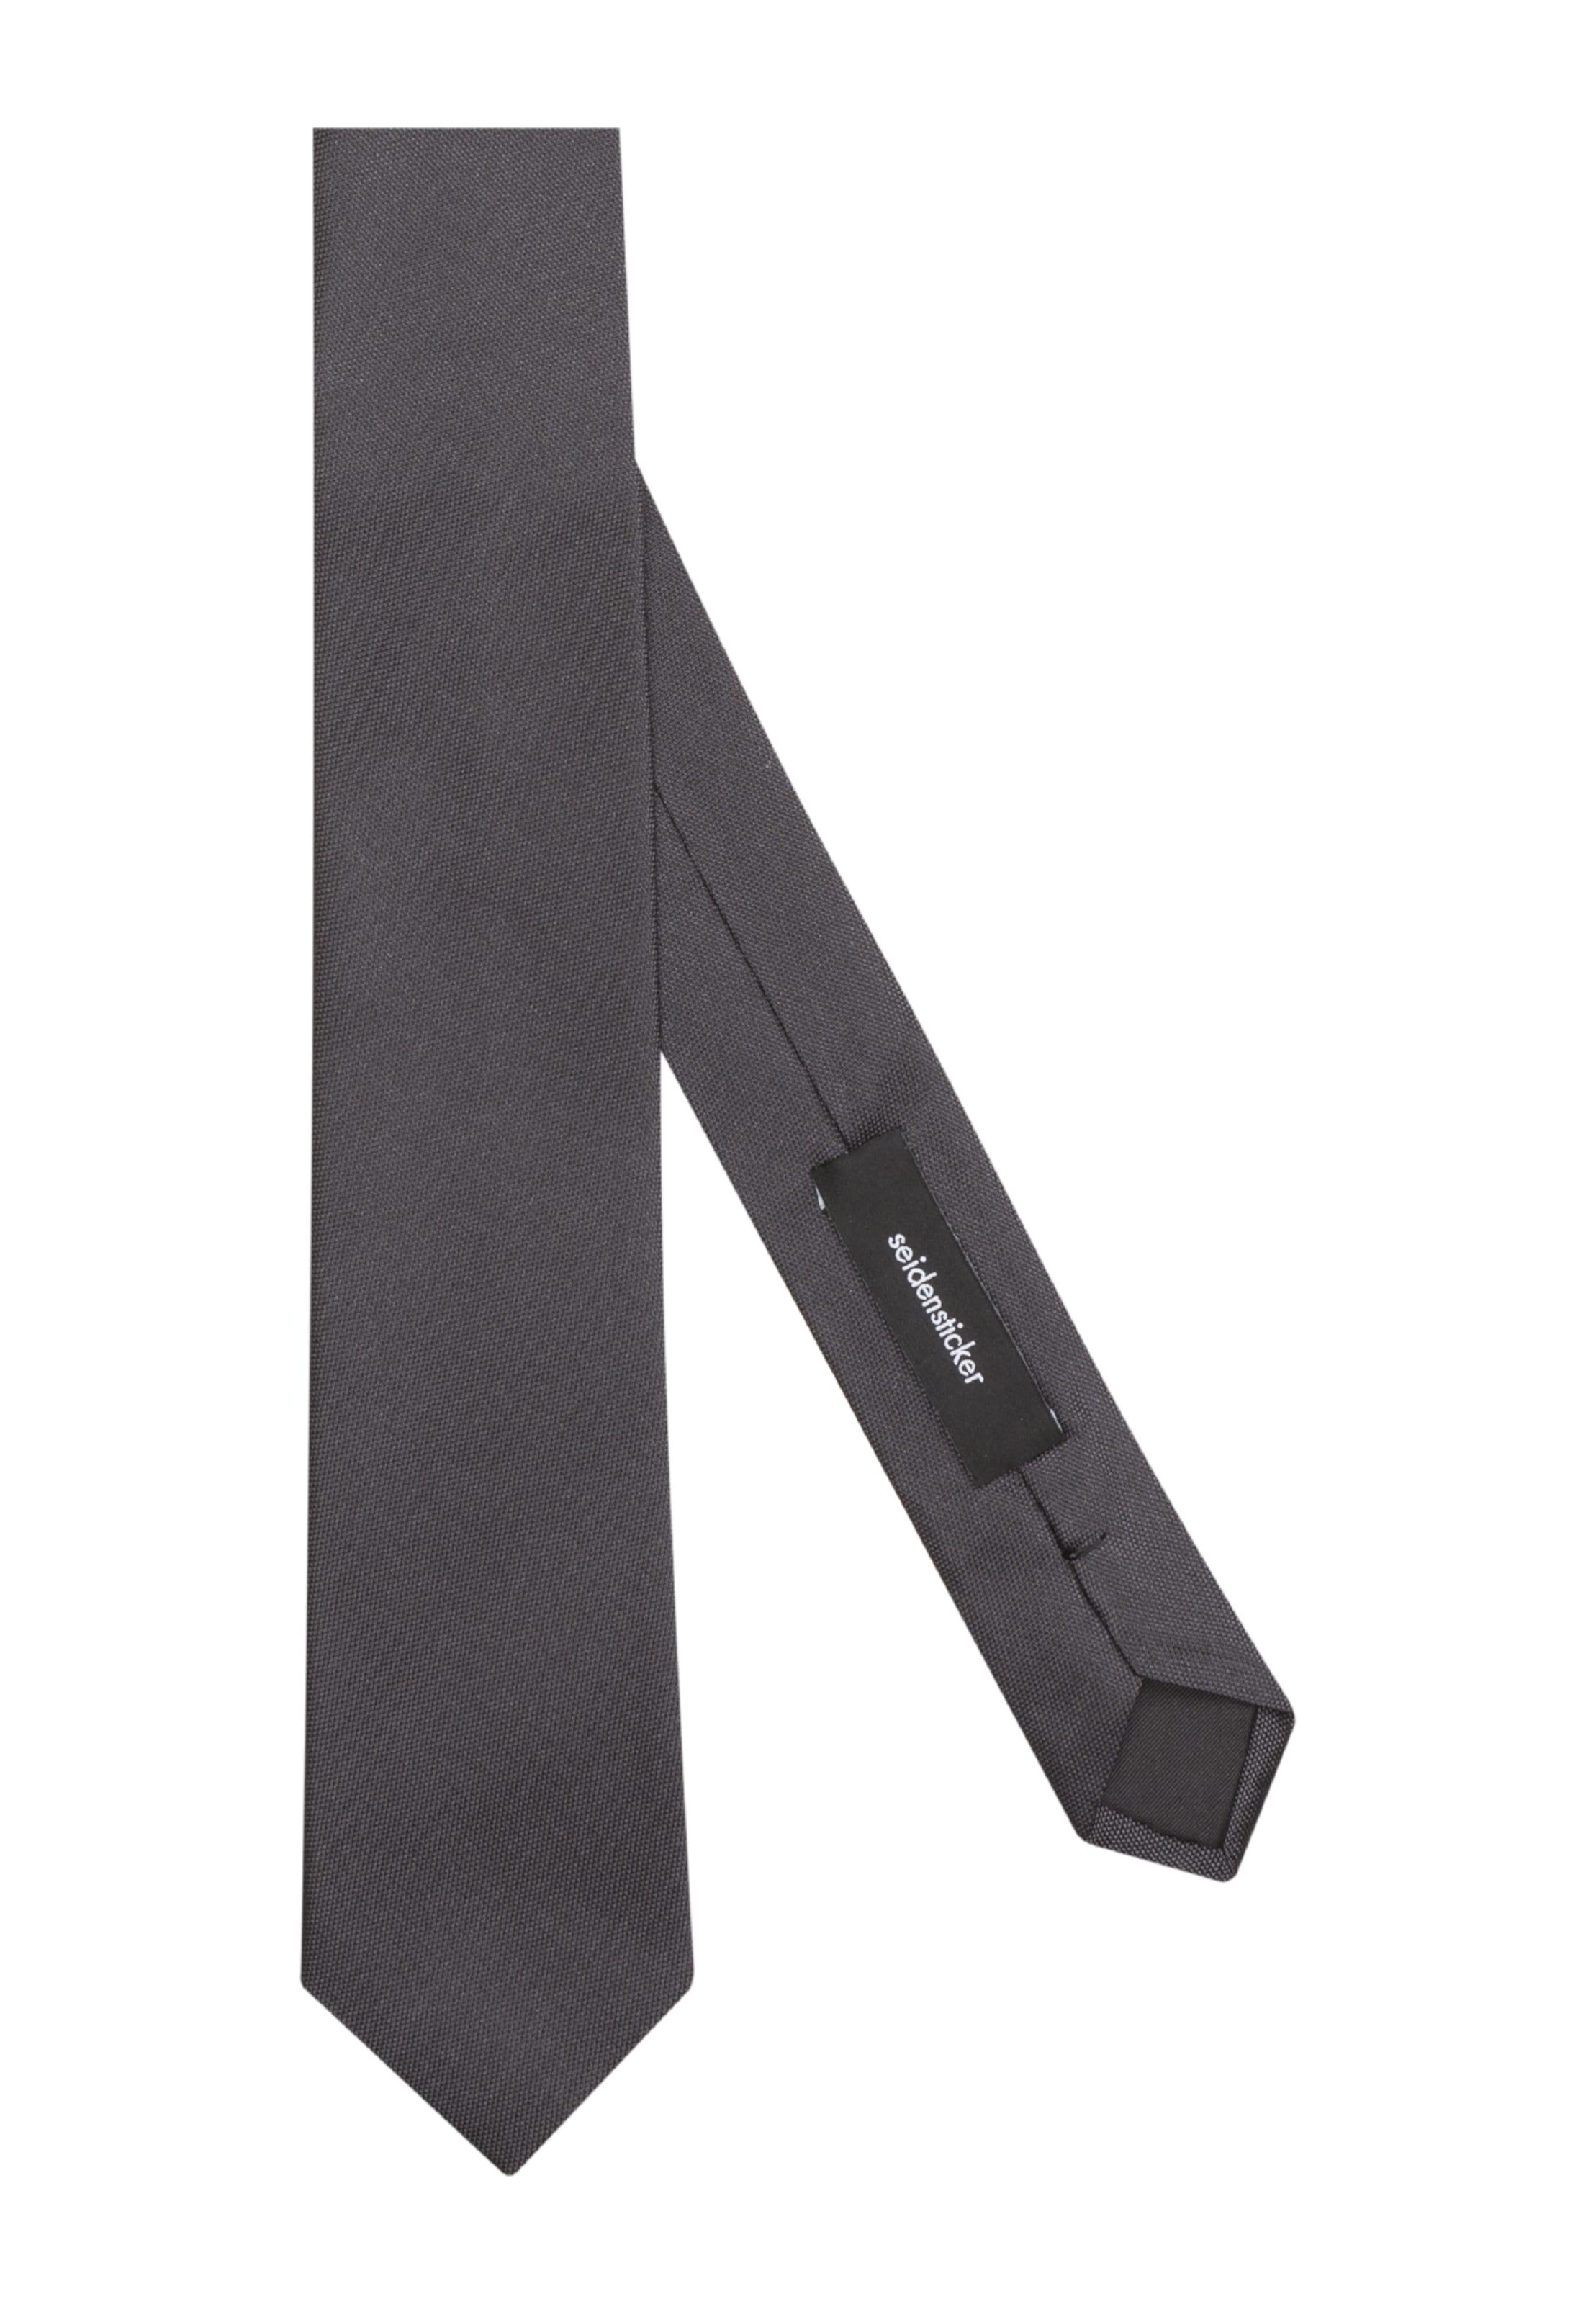 Billig Kaufen SEIDENSTICKER Krawatte ' Schwarze Rose ' Kostengünstig Um Zu Verkaufen Günstig Kaufen Manchester Großen Verkauf jIazV44